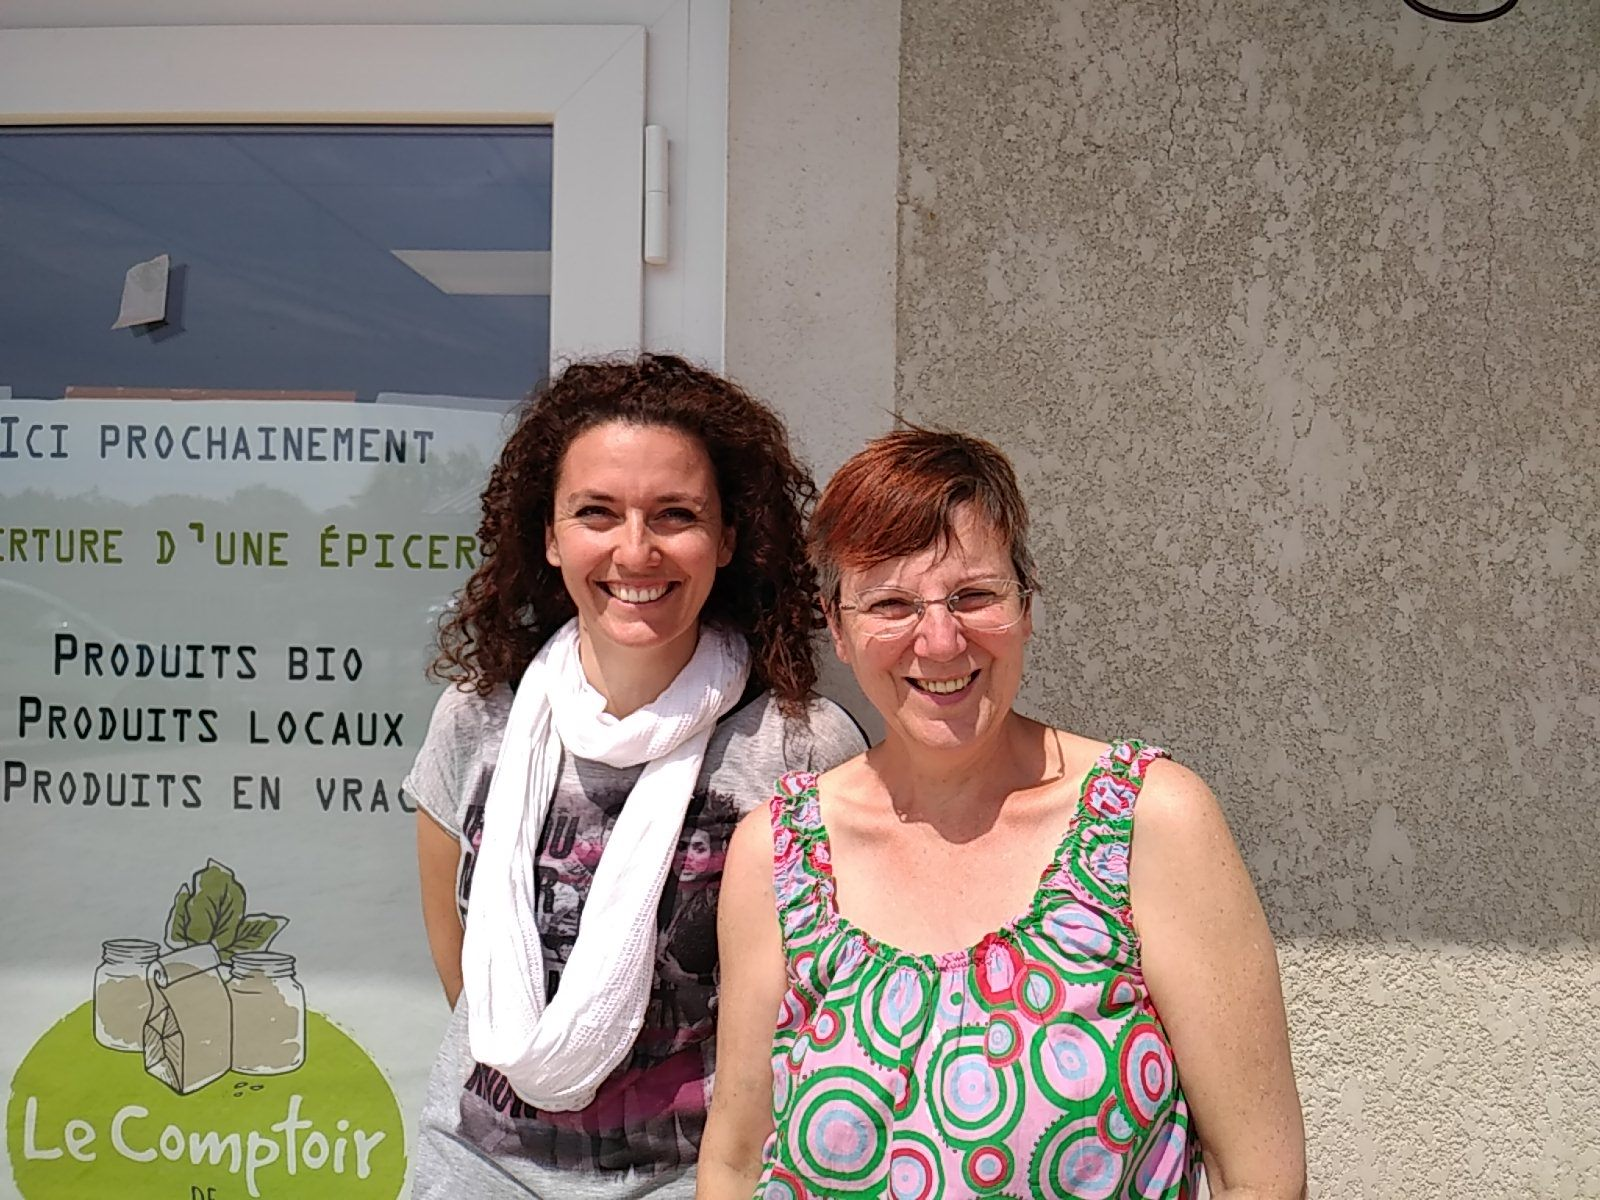 Inauguration De L'épicerie Comptoir De Chautagne : Le 16 Octobre à Ruffieux